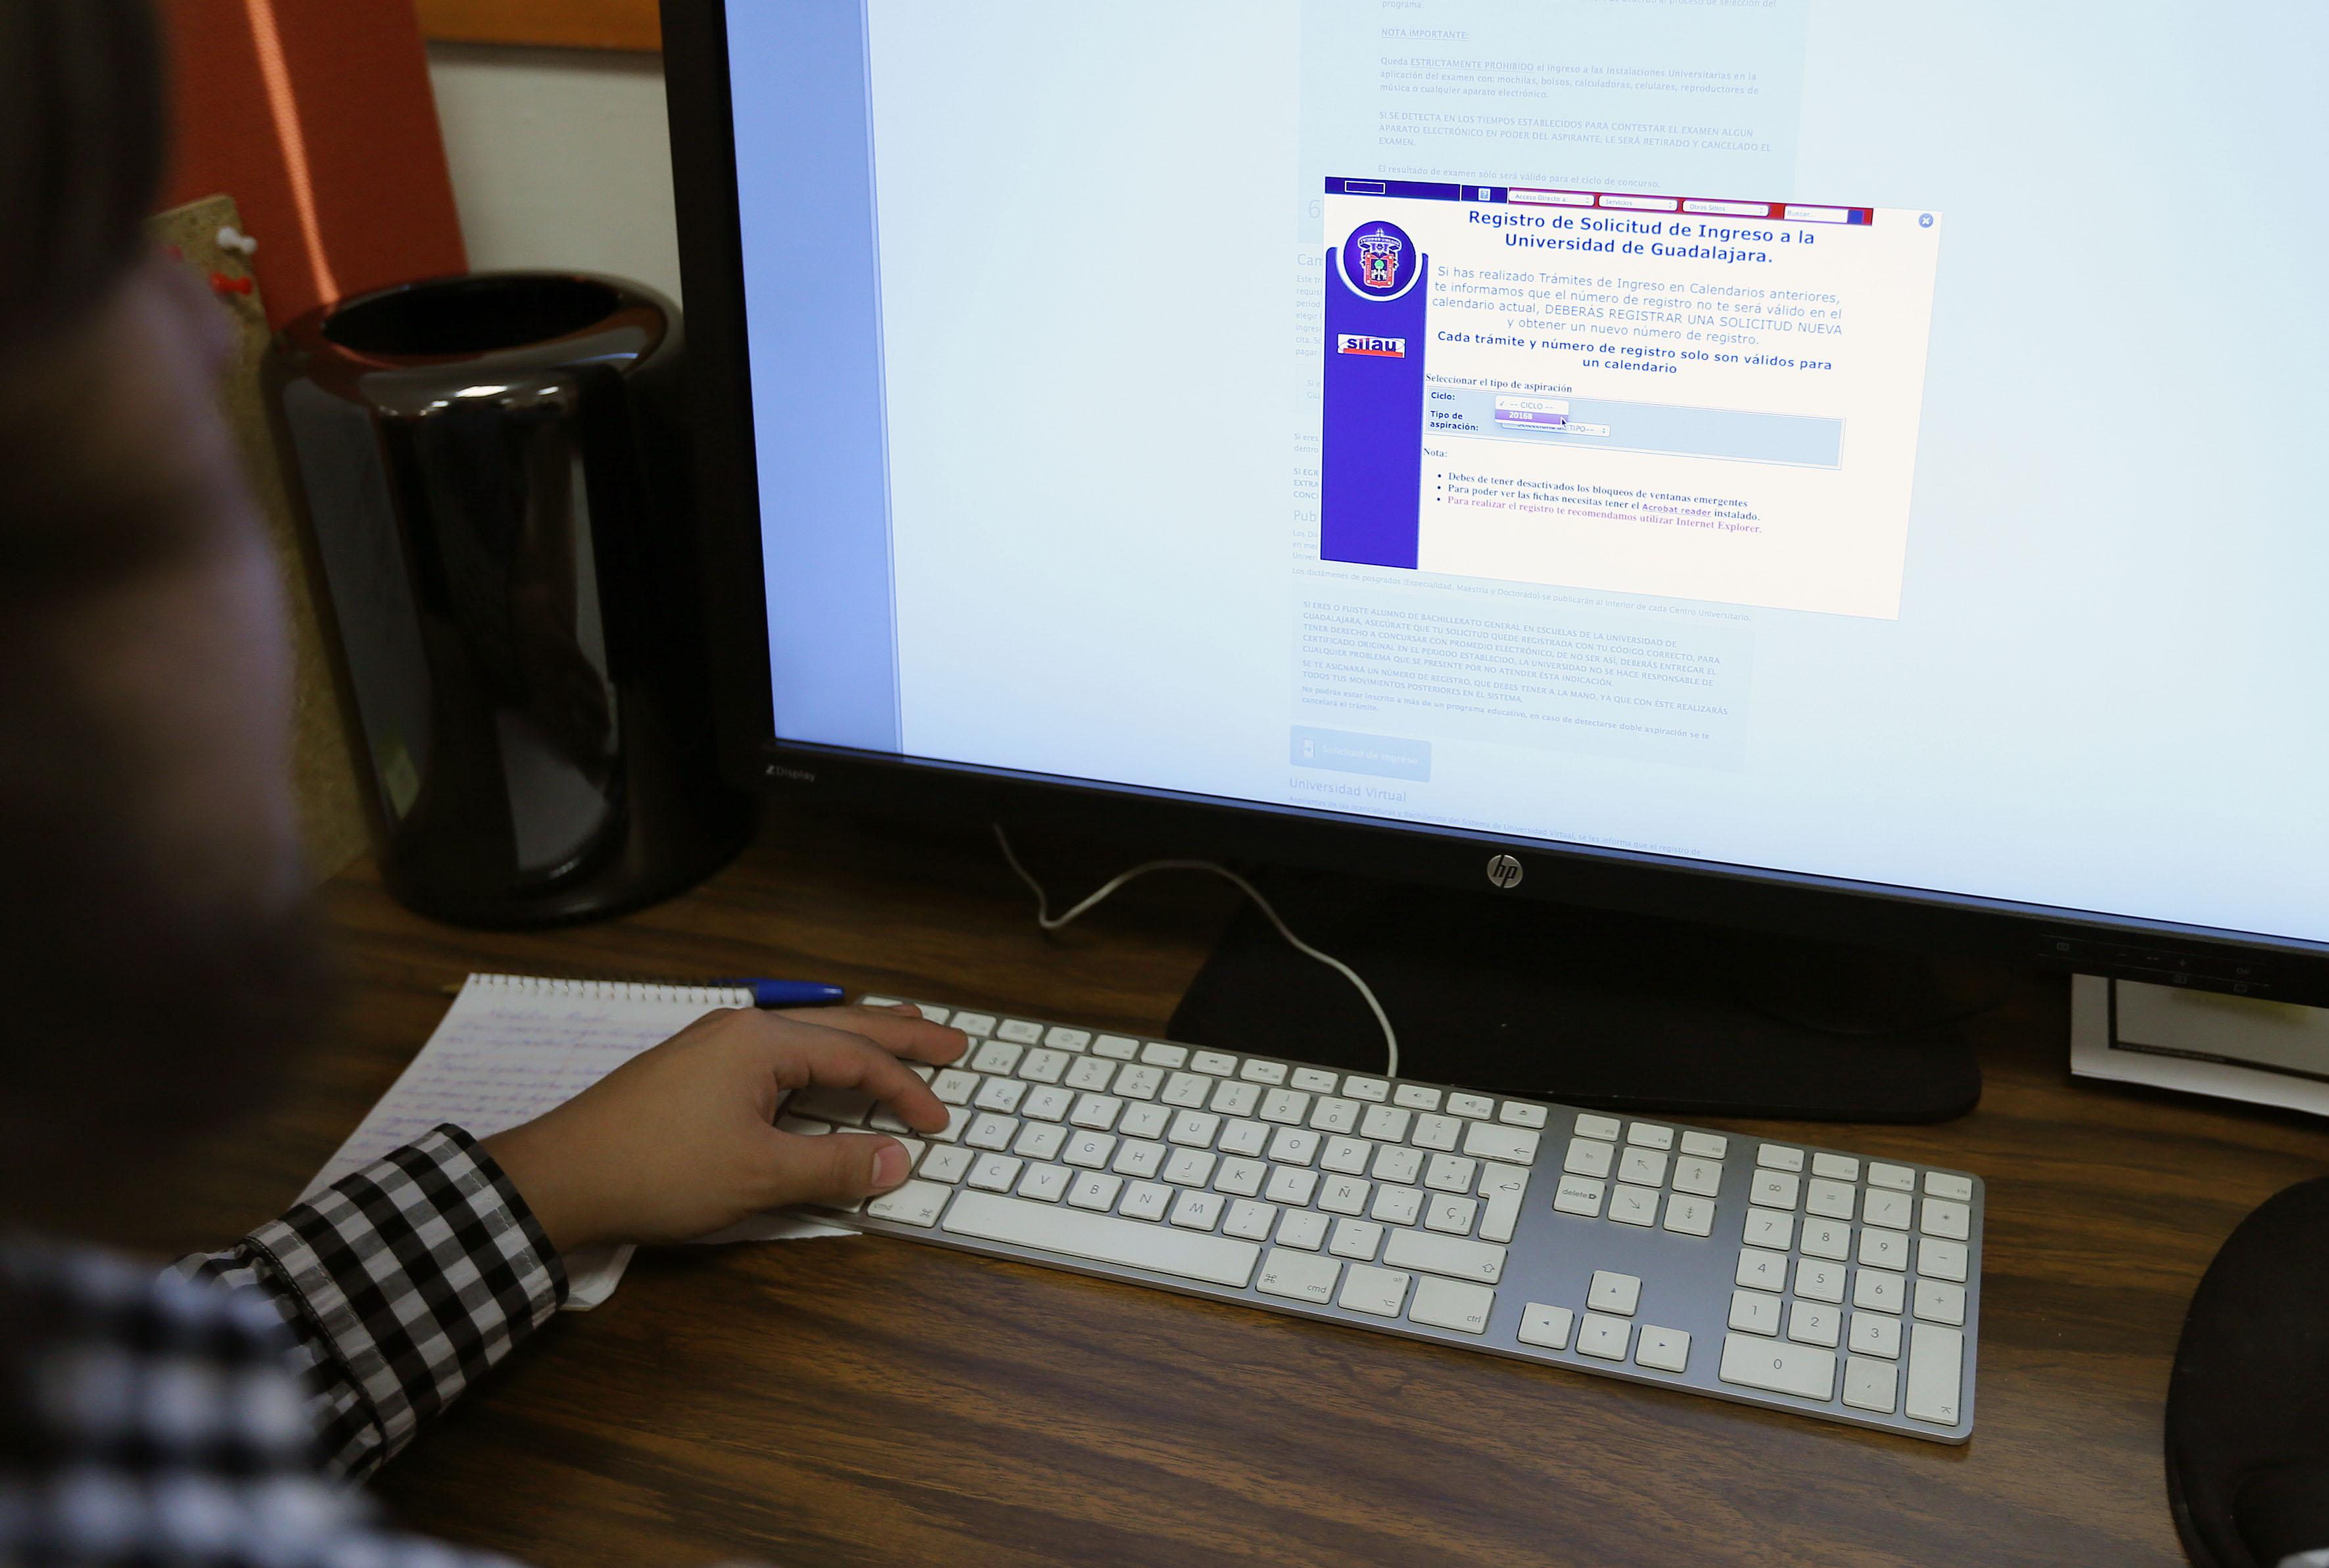 Alumno frente a monitor consultando la página electrónica para aspirantes a la Universidad de Guadalajara